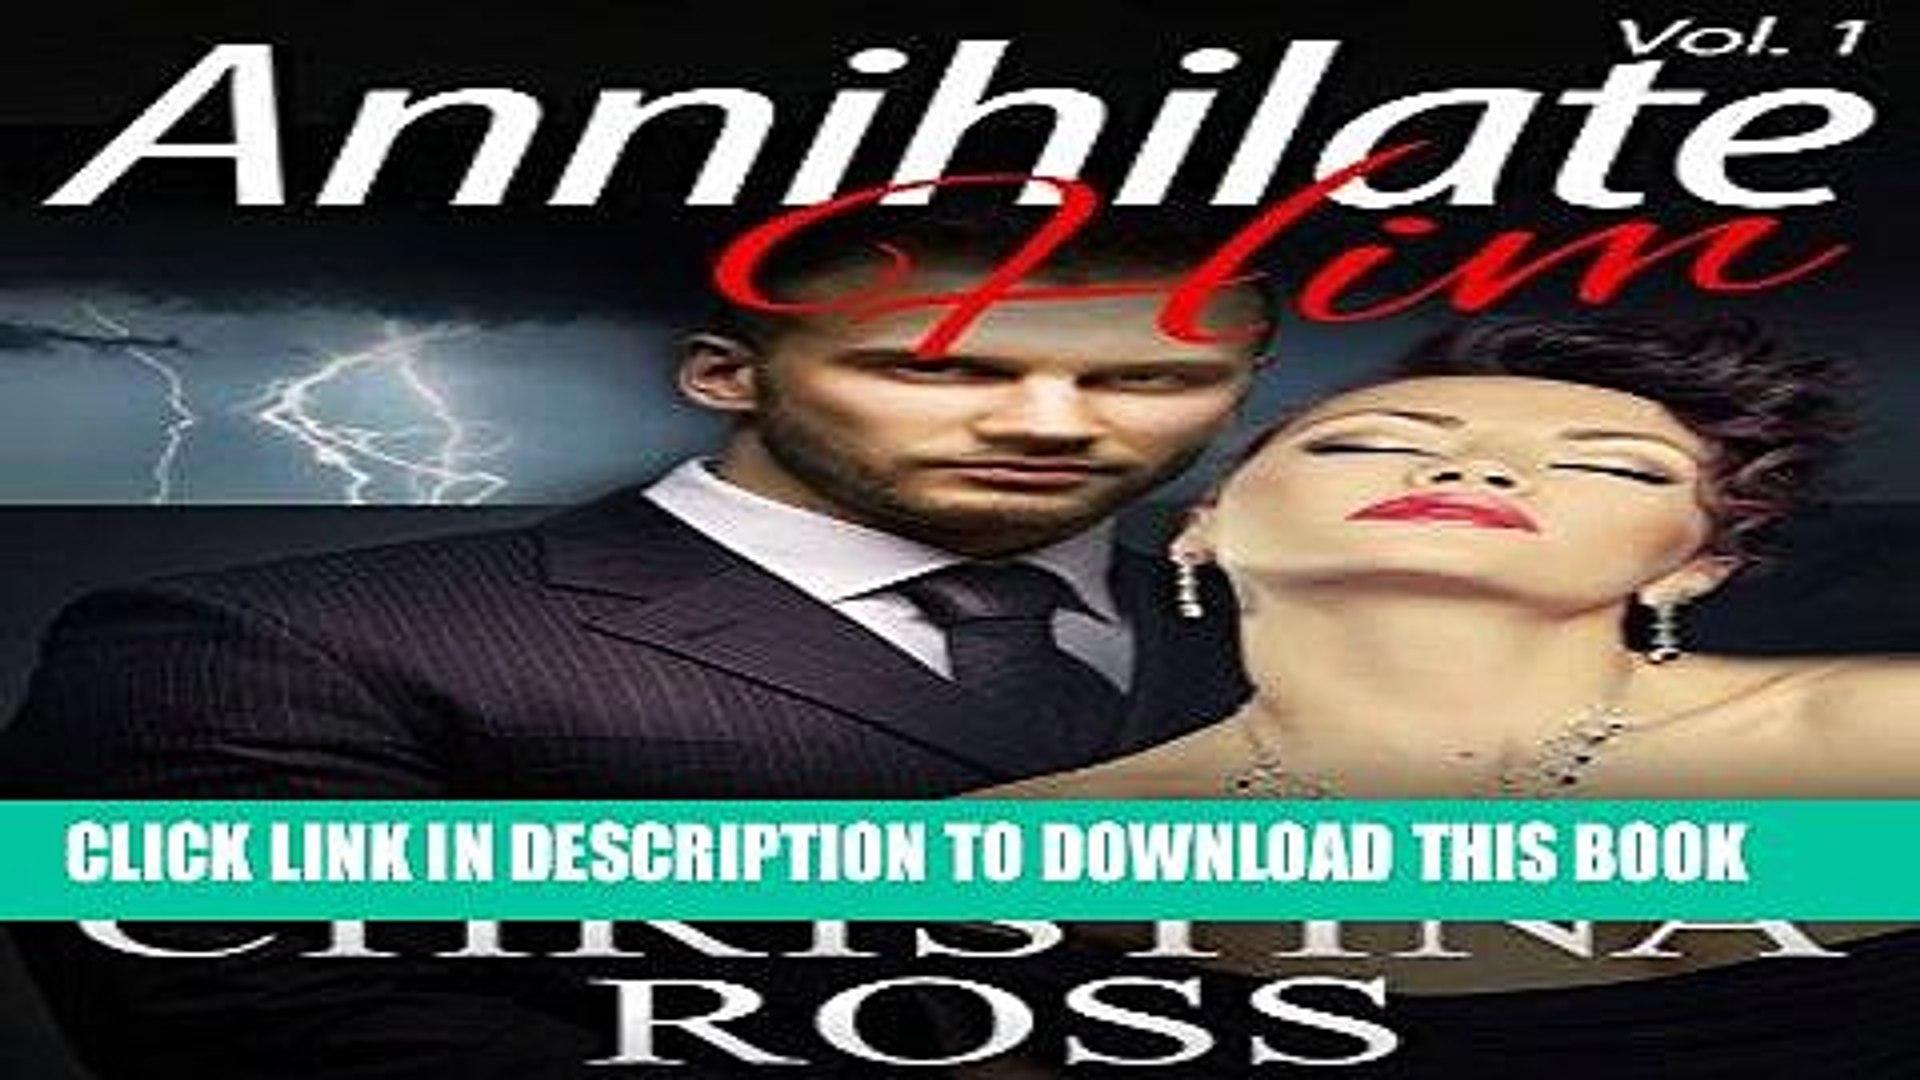 [Read] Ebook Annihilate Him: Vol. 1 (The Annihilate Me/Unleash Me Series) (Annihilate Me 2) New